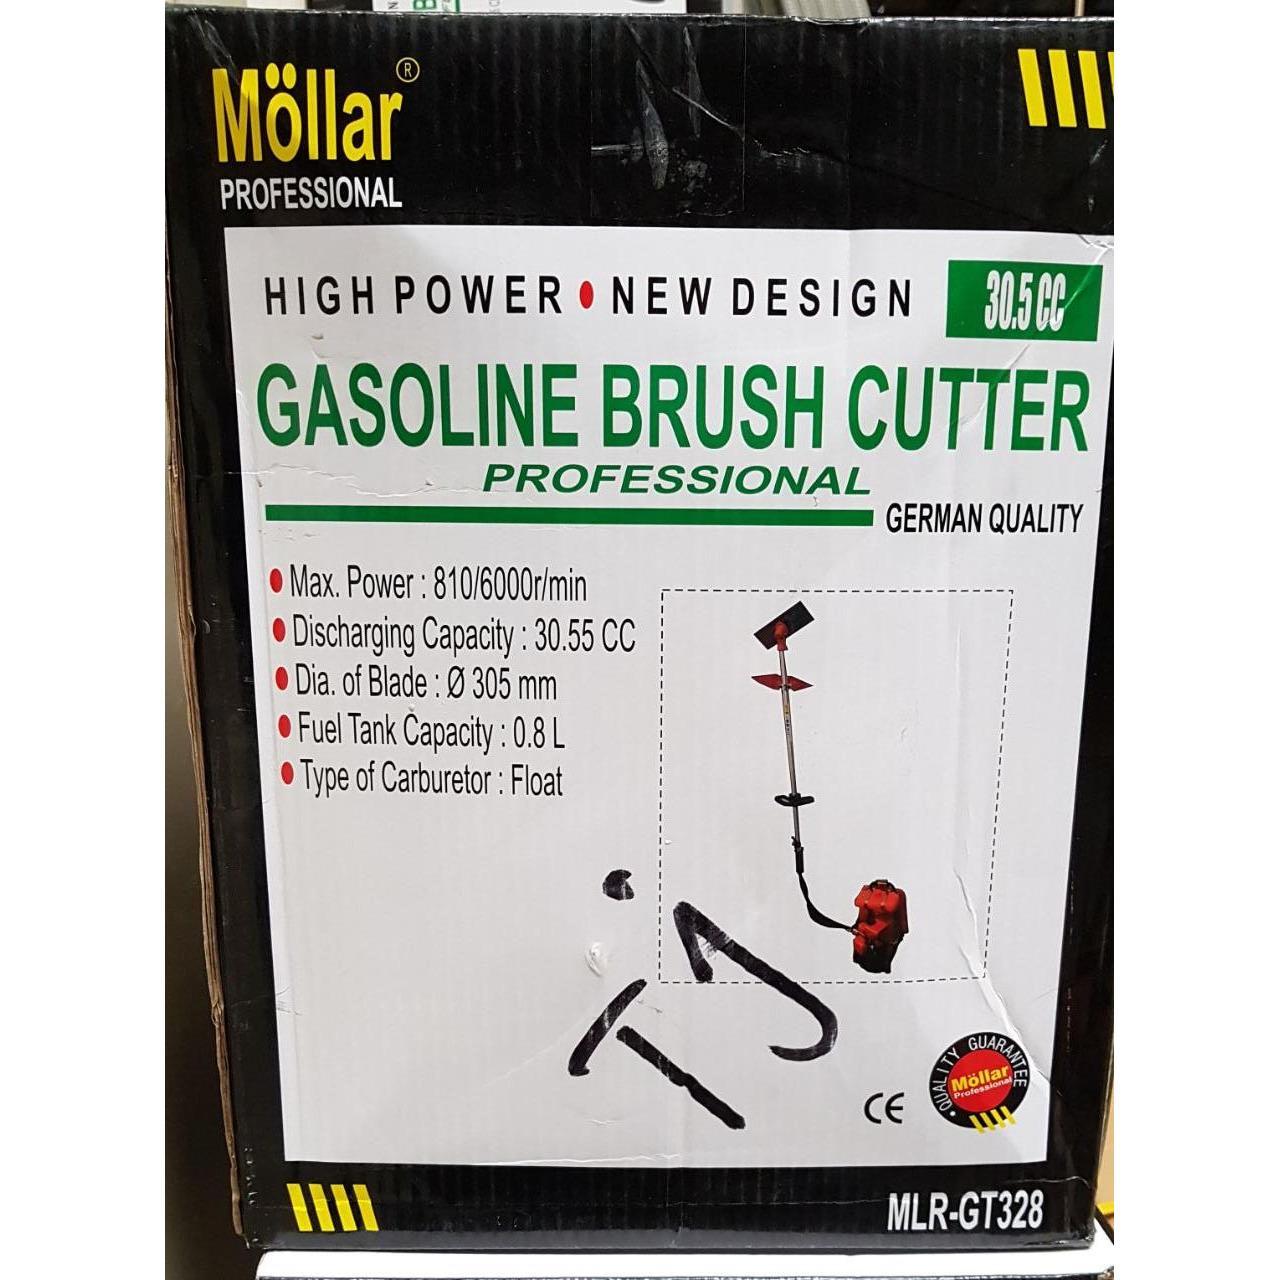 MOLLAR Brush Cutter Mesin Potong Rumput Gendong Gasoline skls sumura